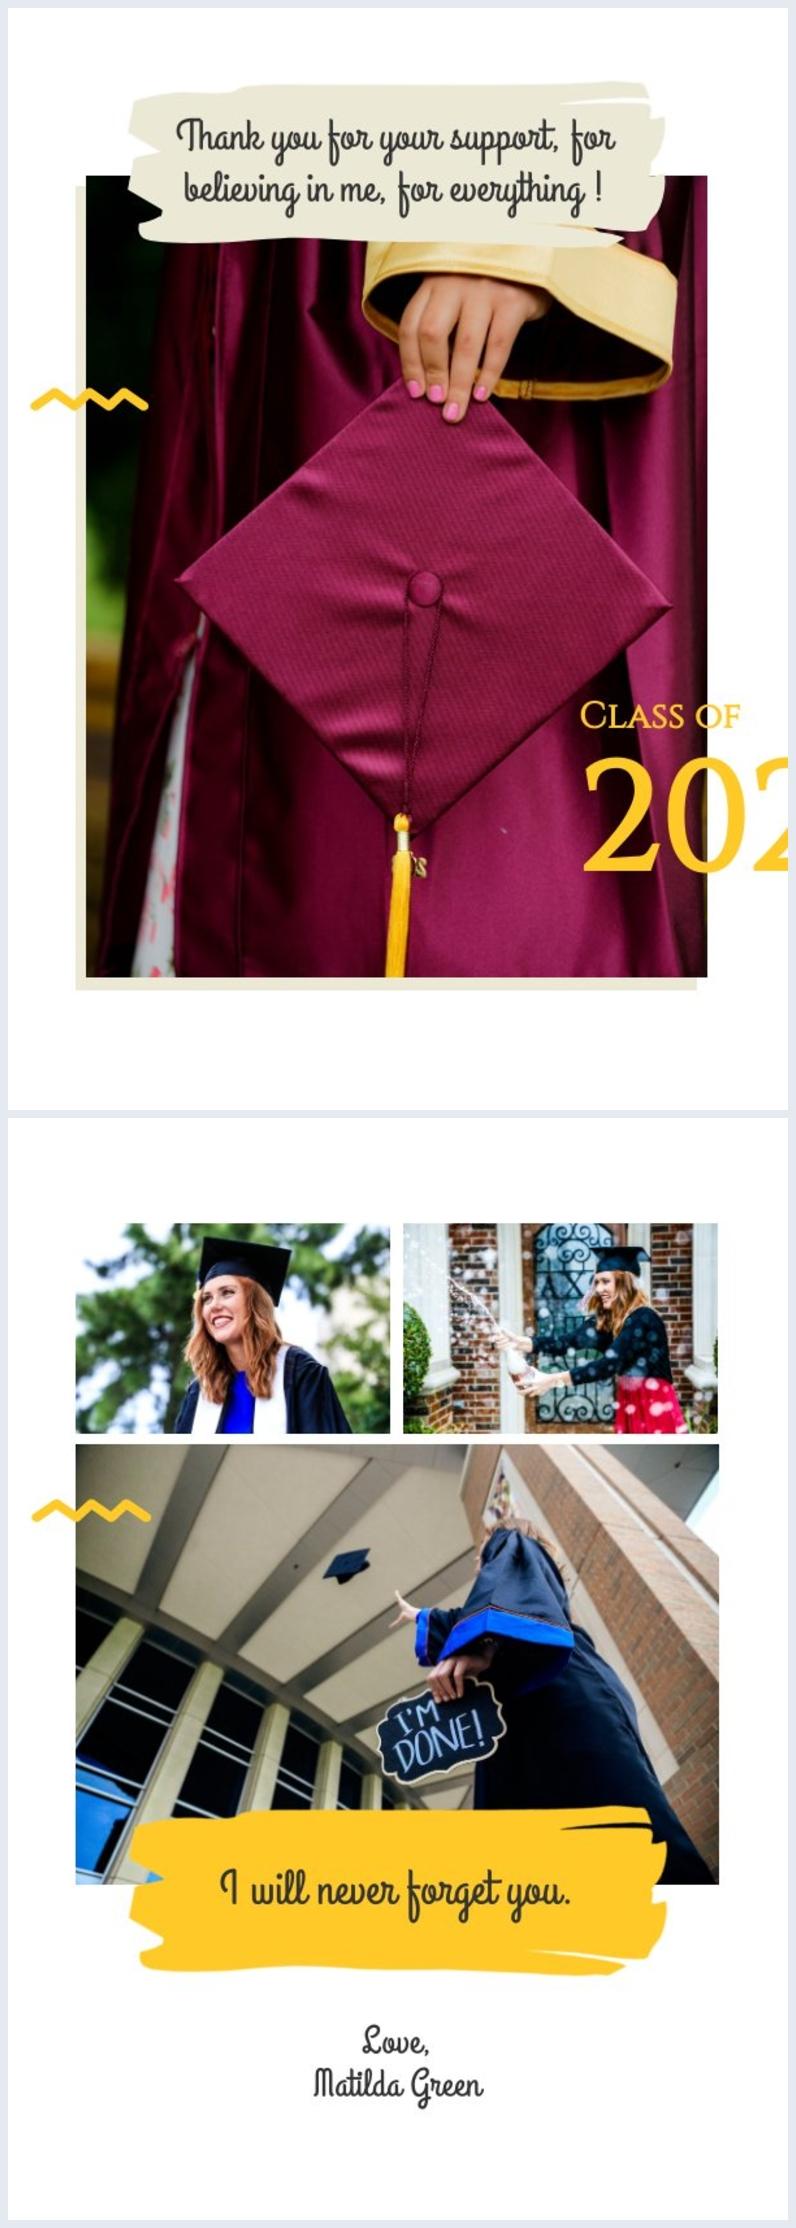 diseño de tarjeta de graduación para los estudiantes